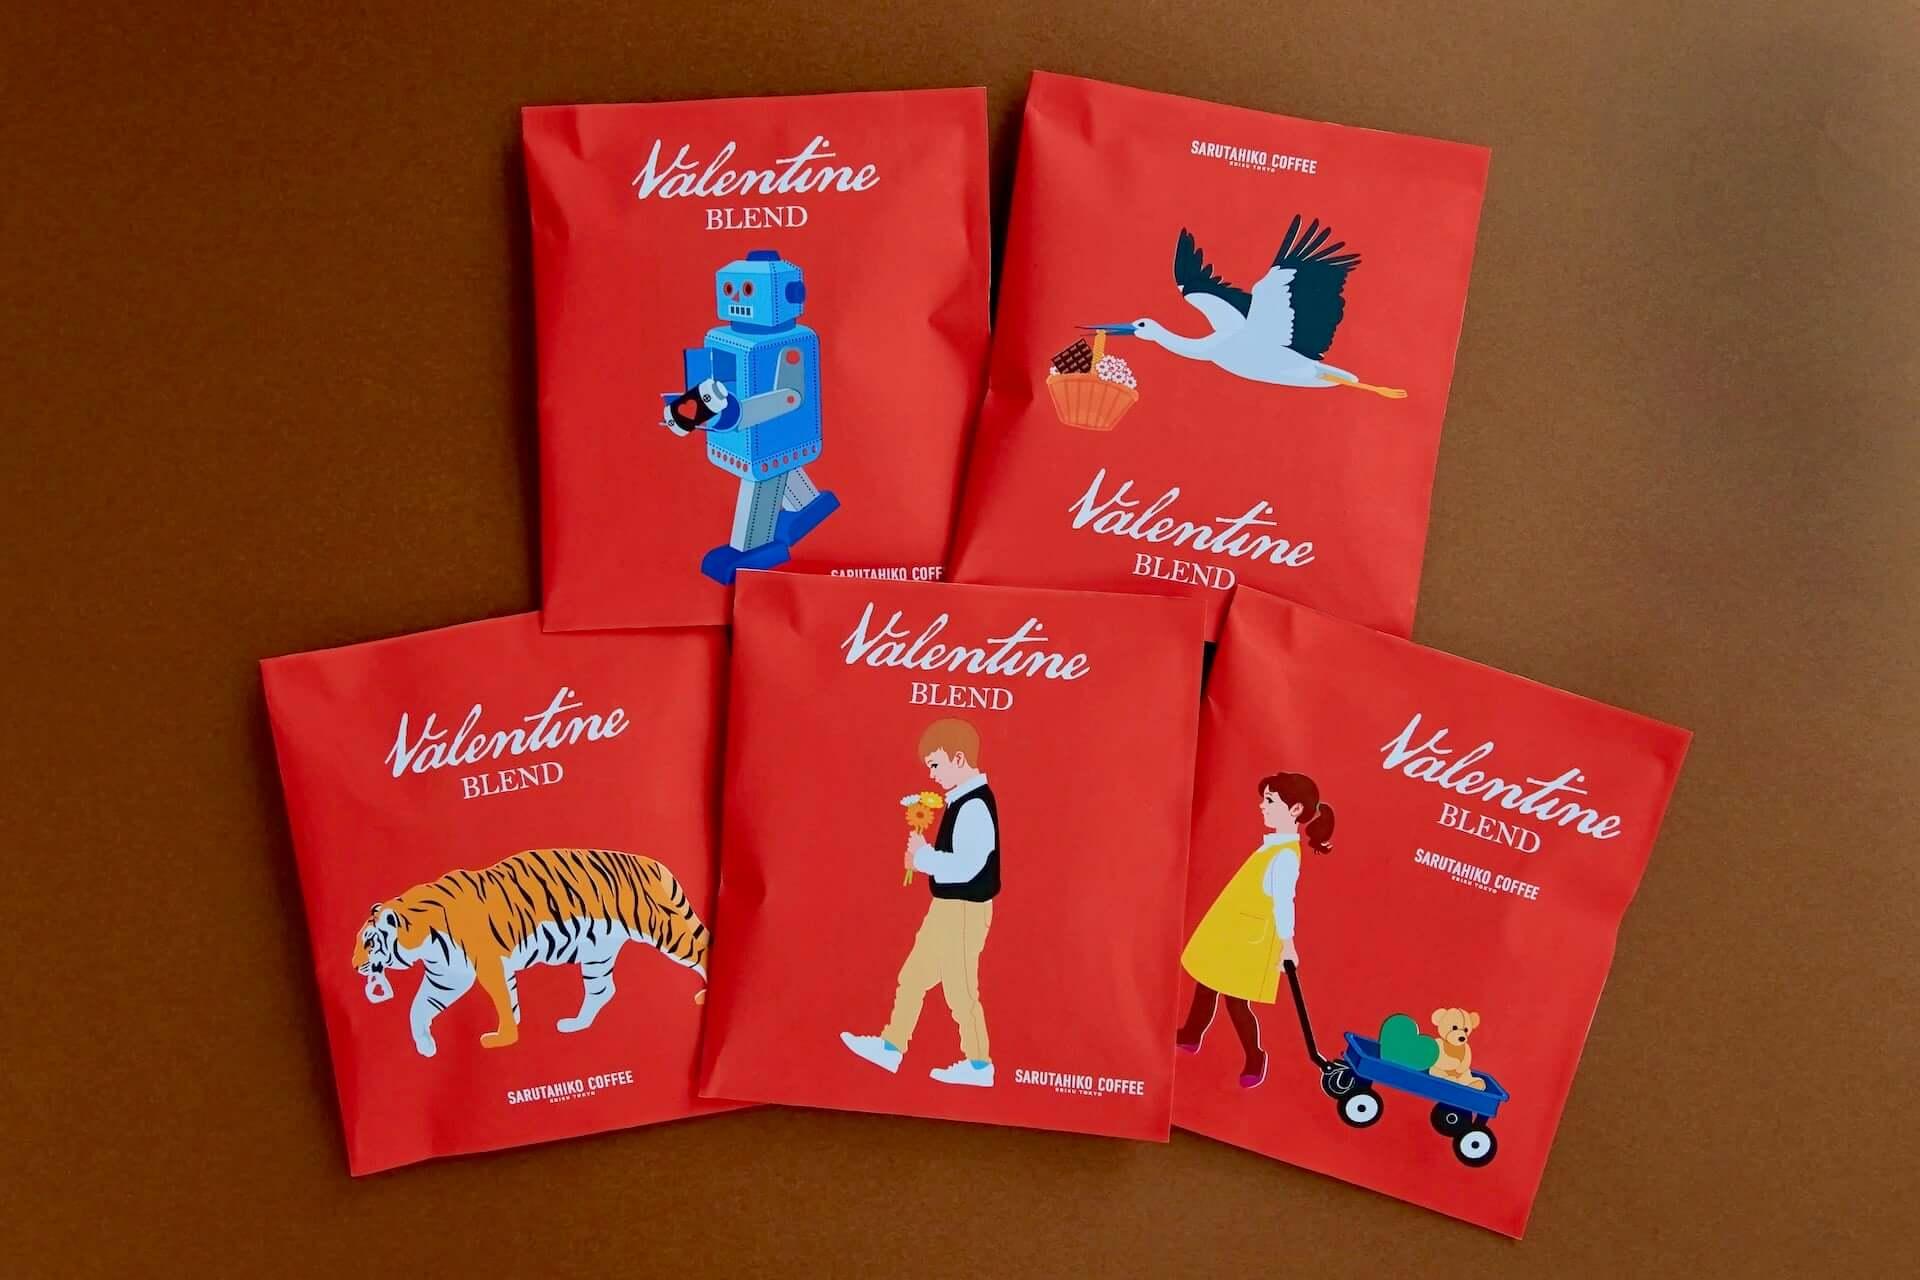 猿田彦珈琲のバレンタイン限定商品『リッチホットチョコレート』が今年もリニューアルして登場!数量限定のギフトセットも展開 gourmet210108_sarutahiko_7-1920x1280